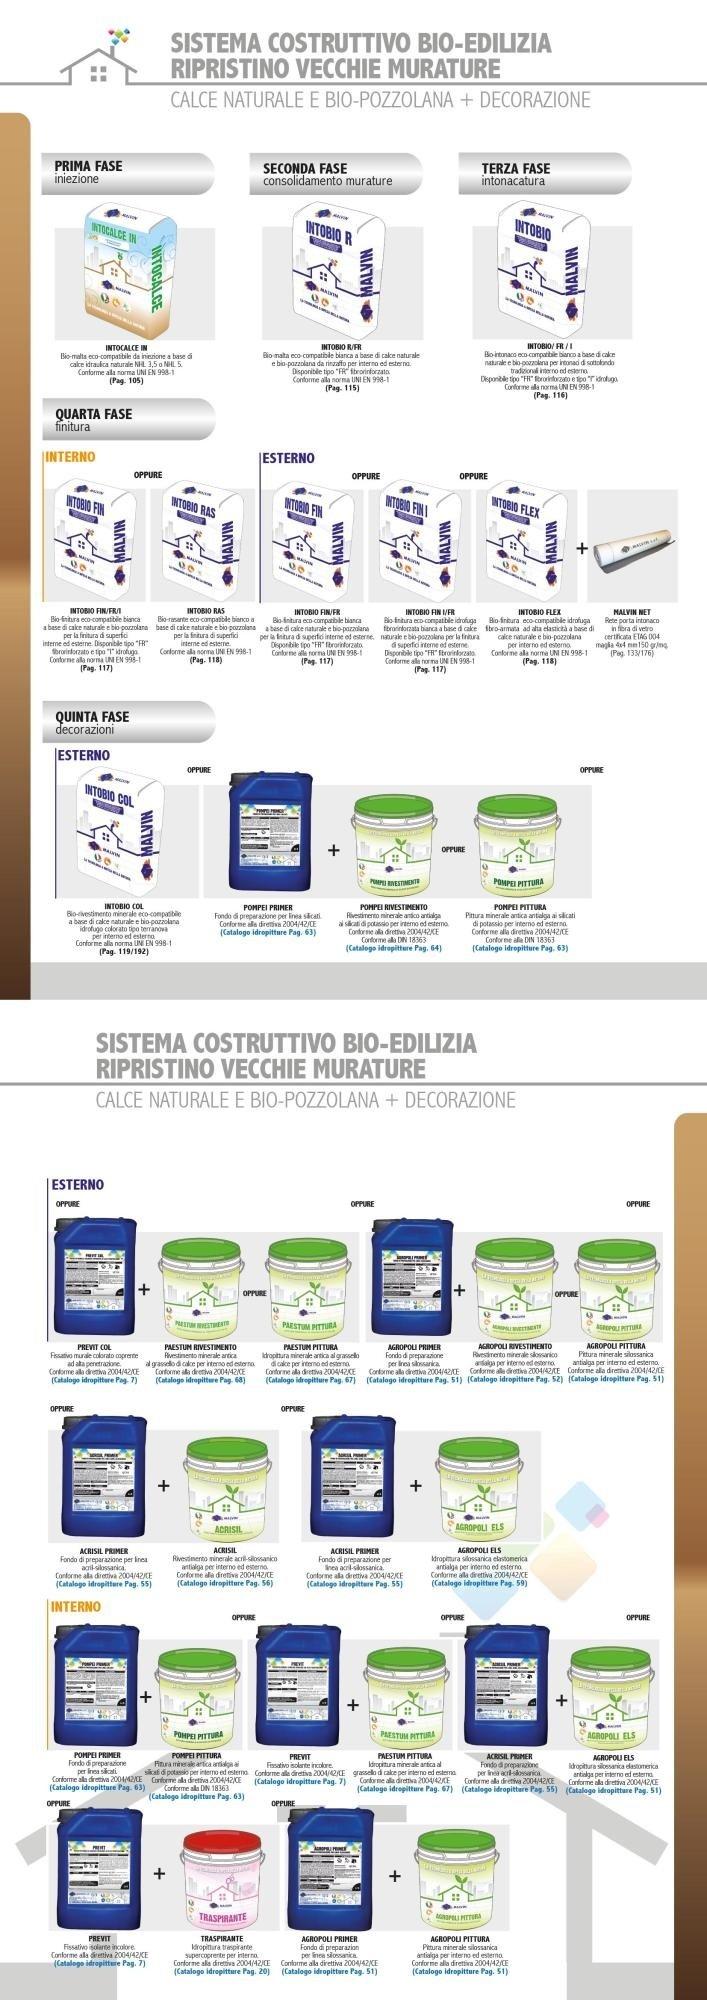 Sistema Costruttivo Bio-Edilizia Vecchie Murature (Calce e Bio-pozzolana)